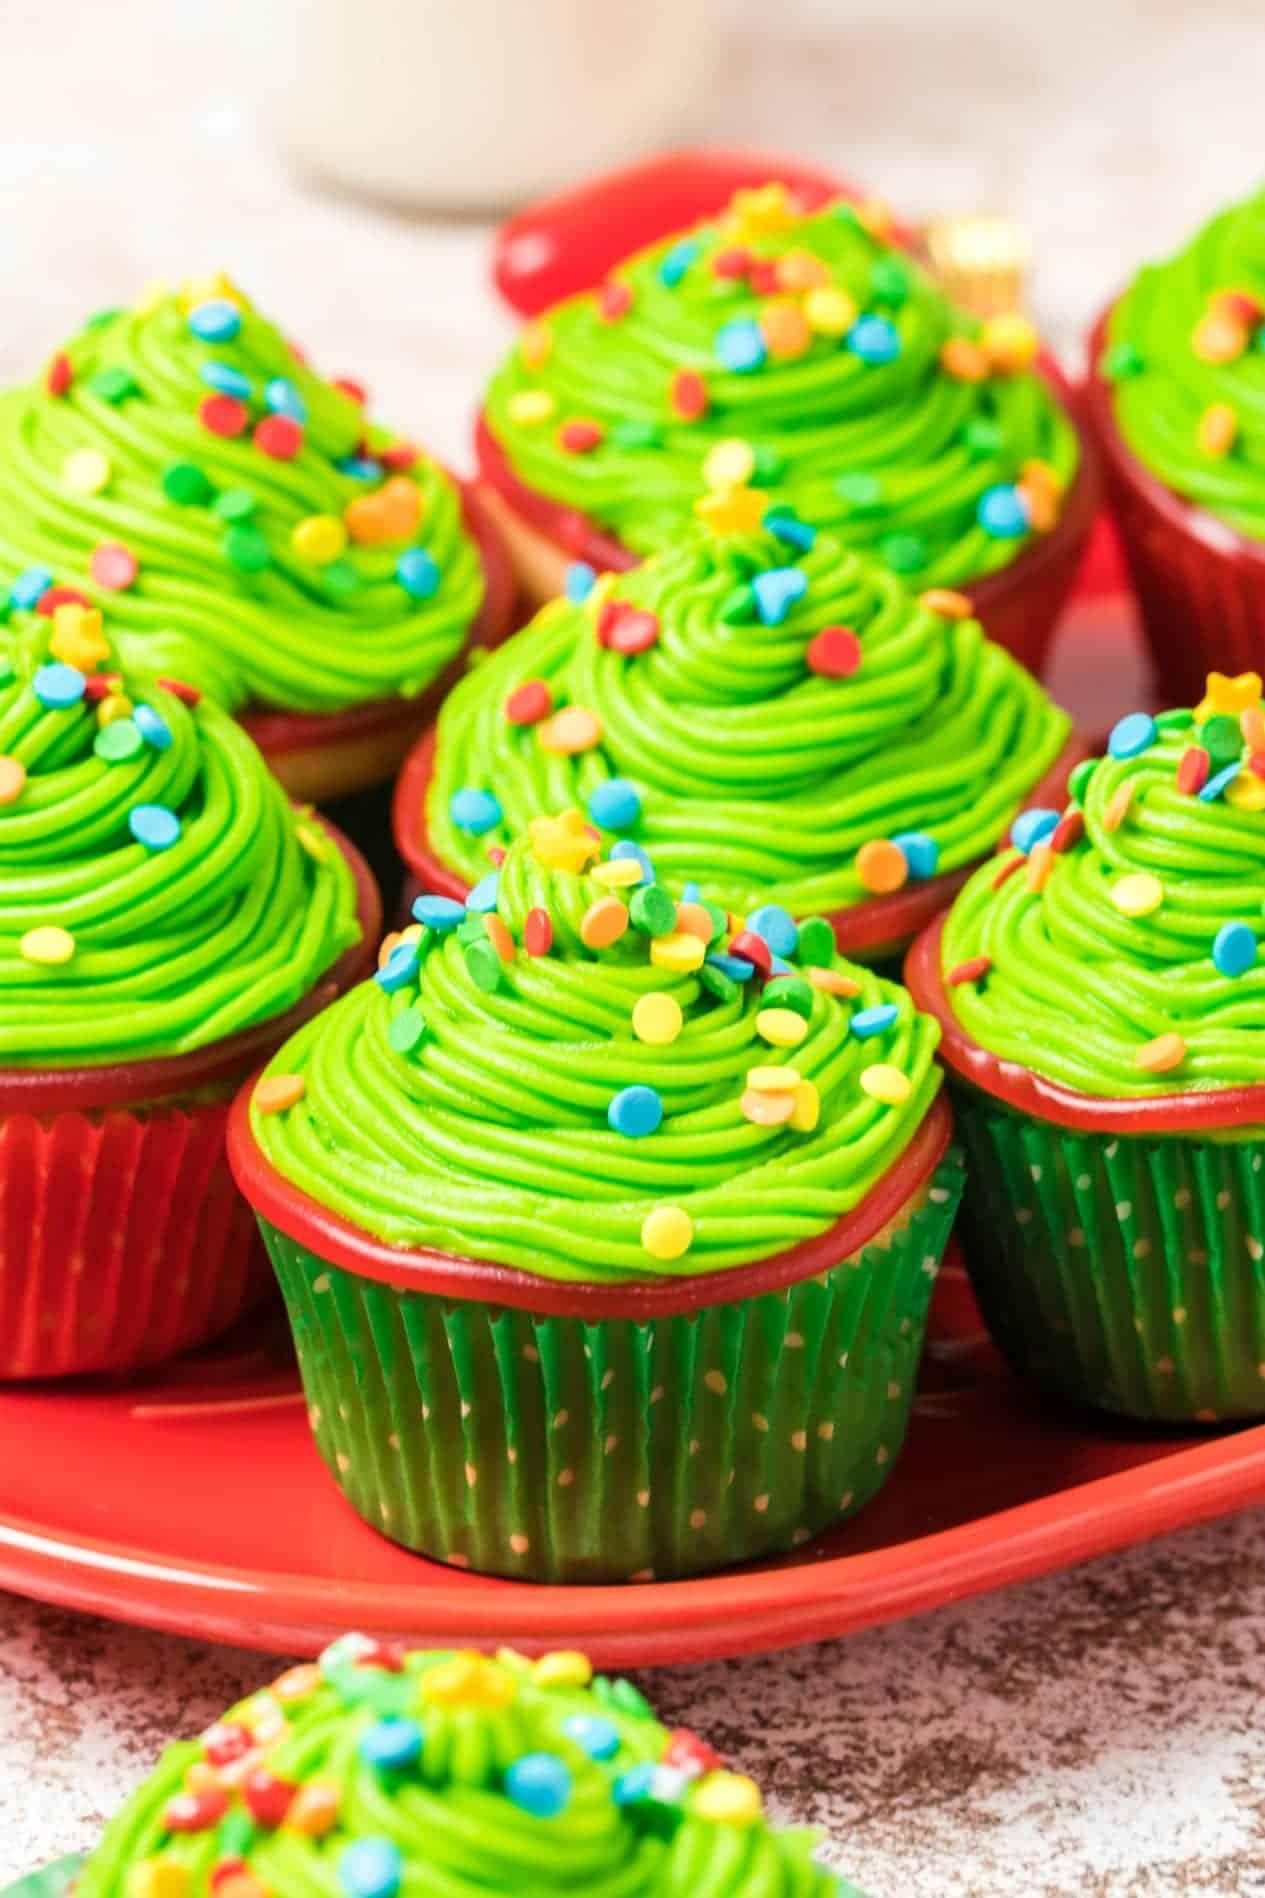 Siete cupcakes de árbol de Navidad en un plato rojo.